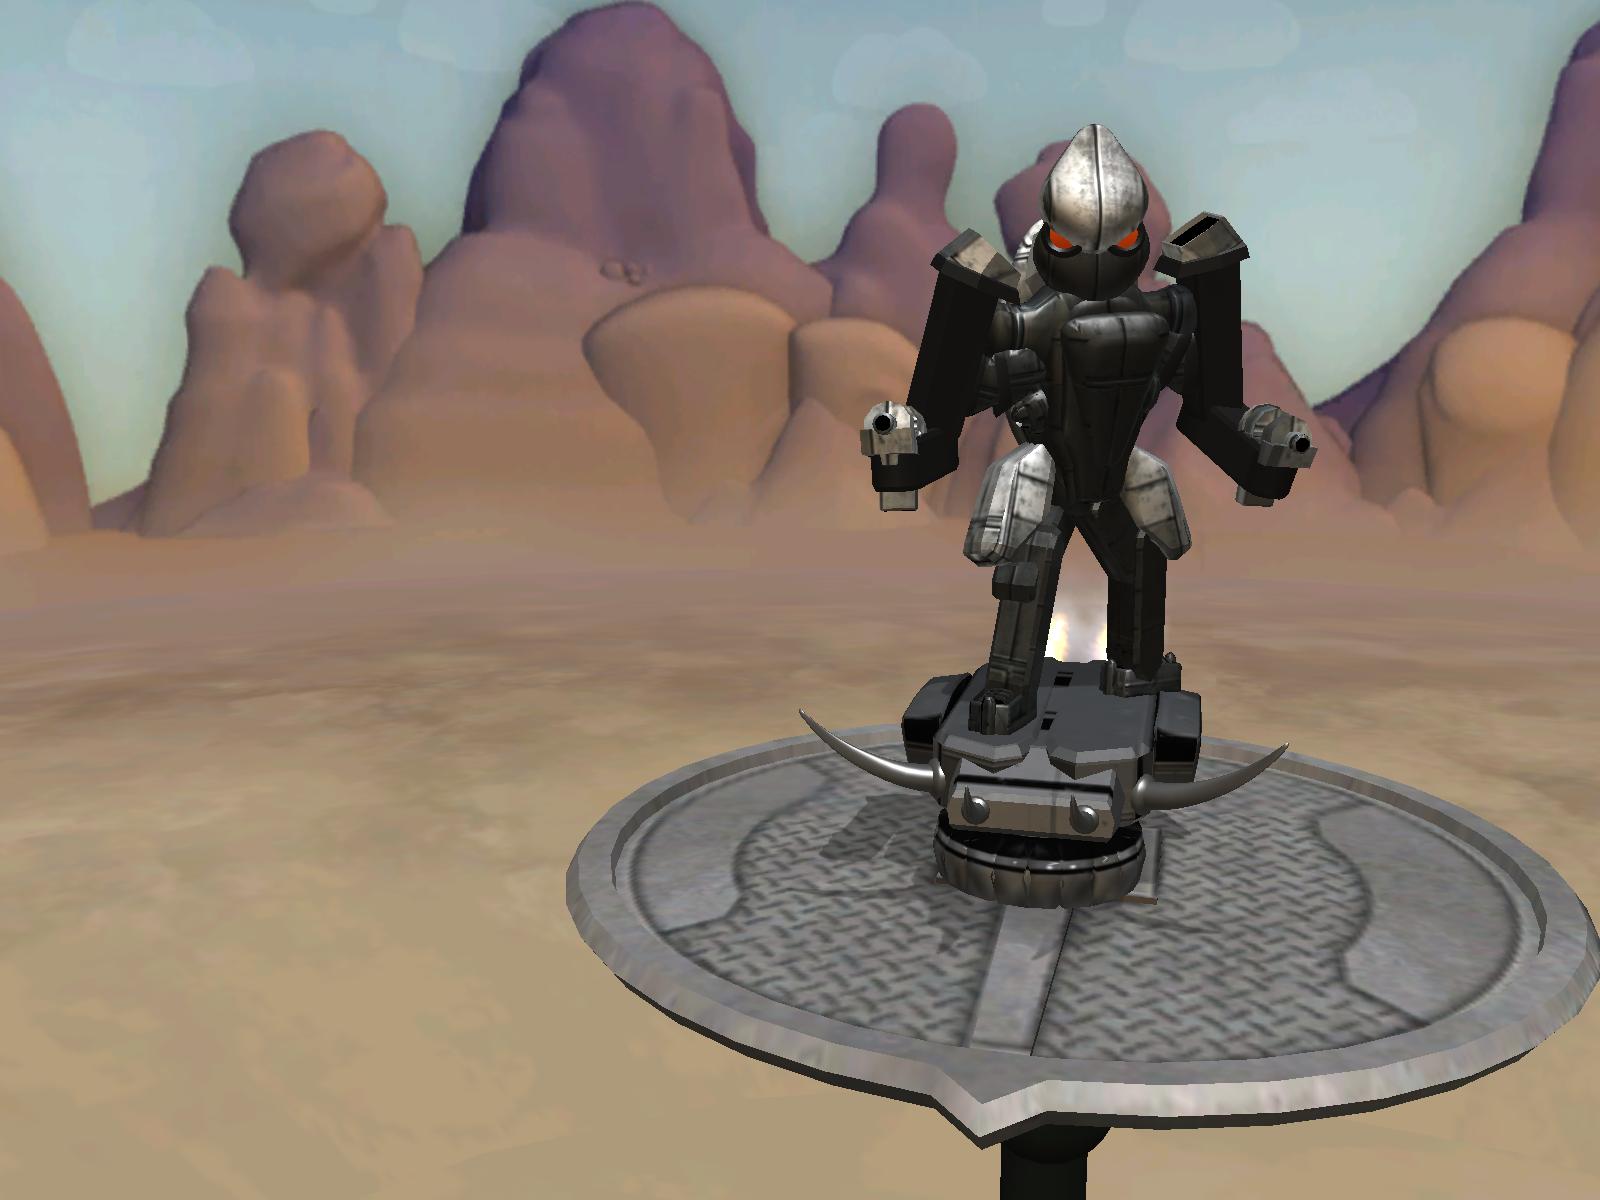 Un robot asesino veloz Spore-18-02-2020-14-48-11